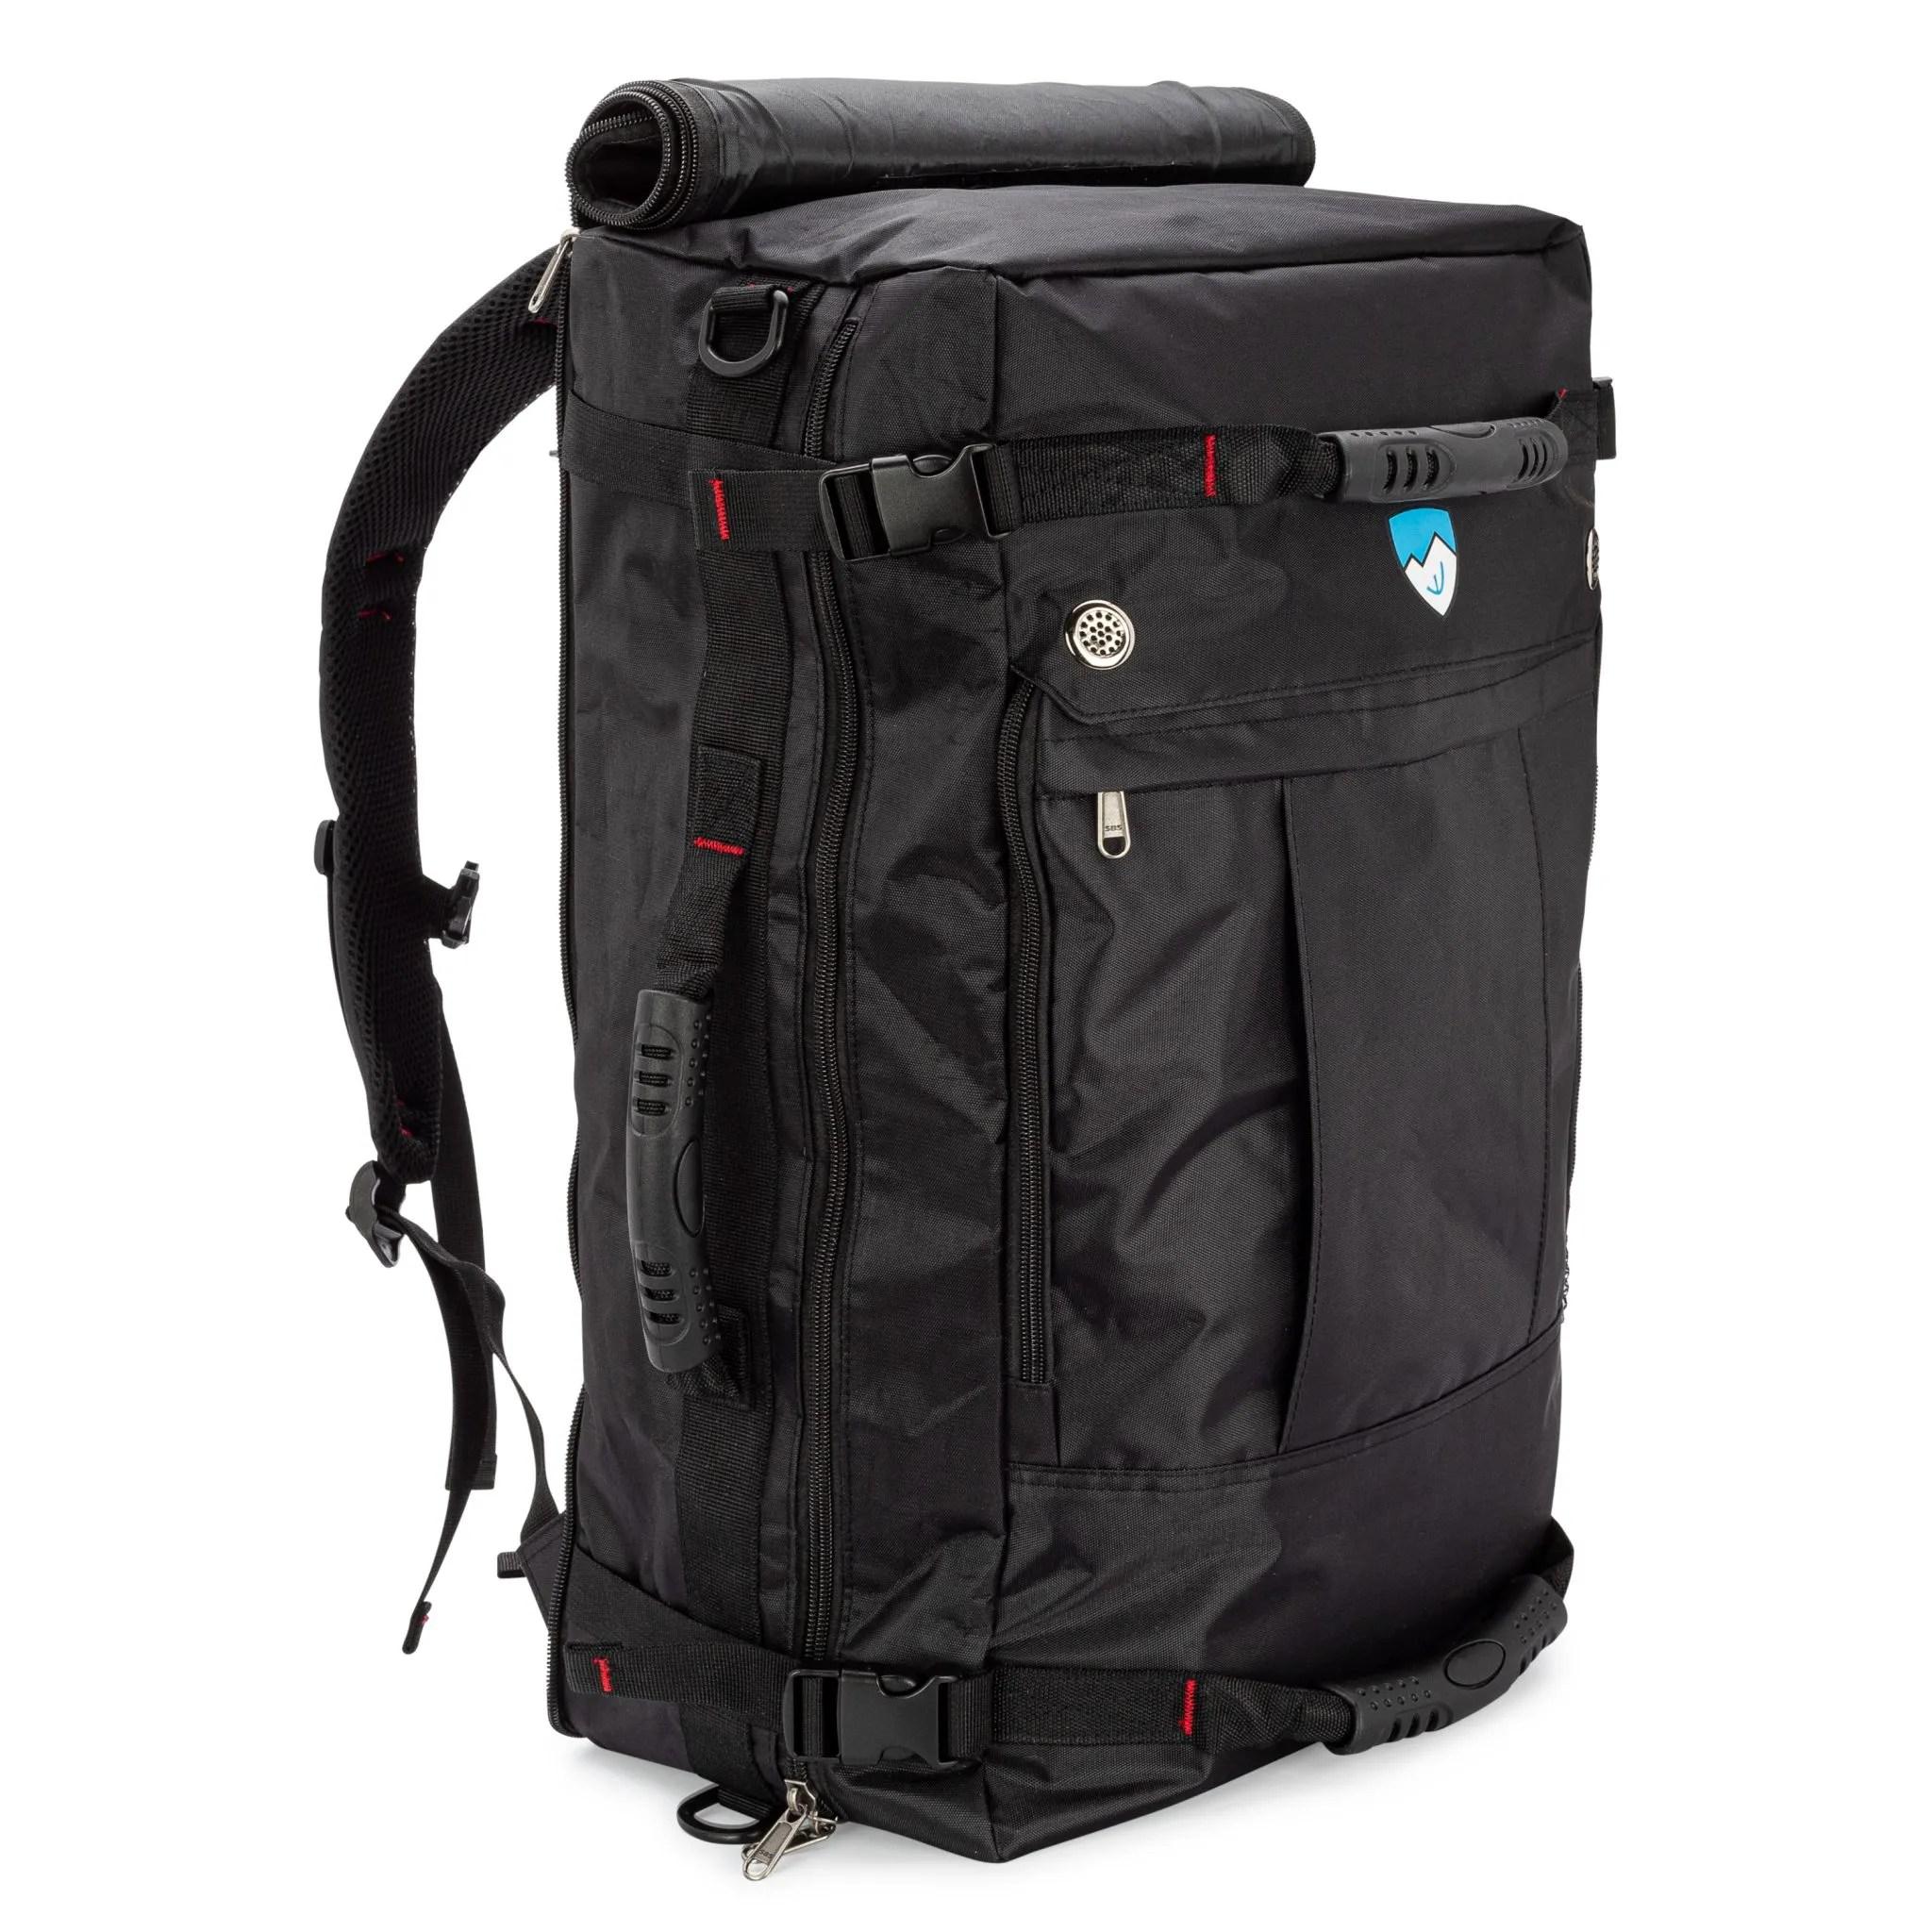 Hard Work Sports Duffel Backpack 3-Way